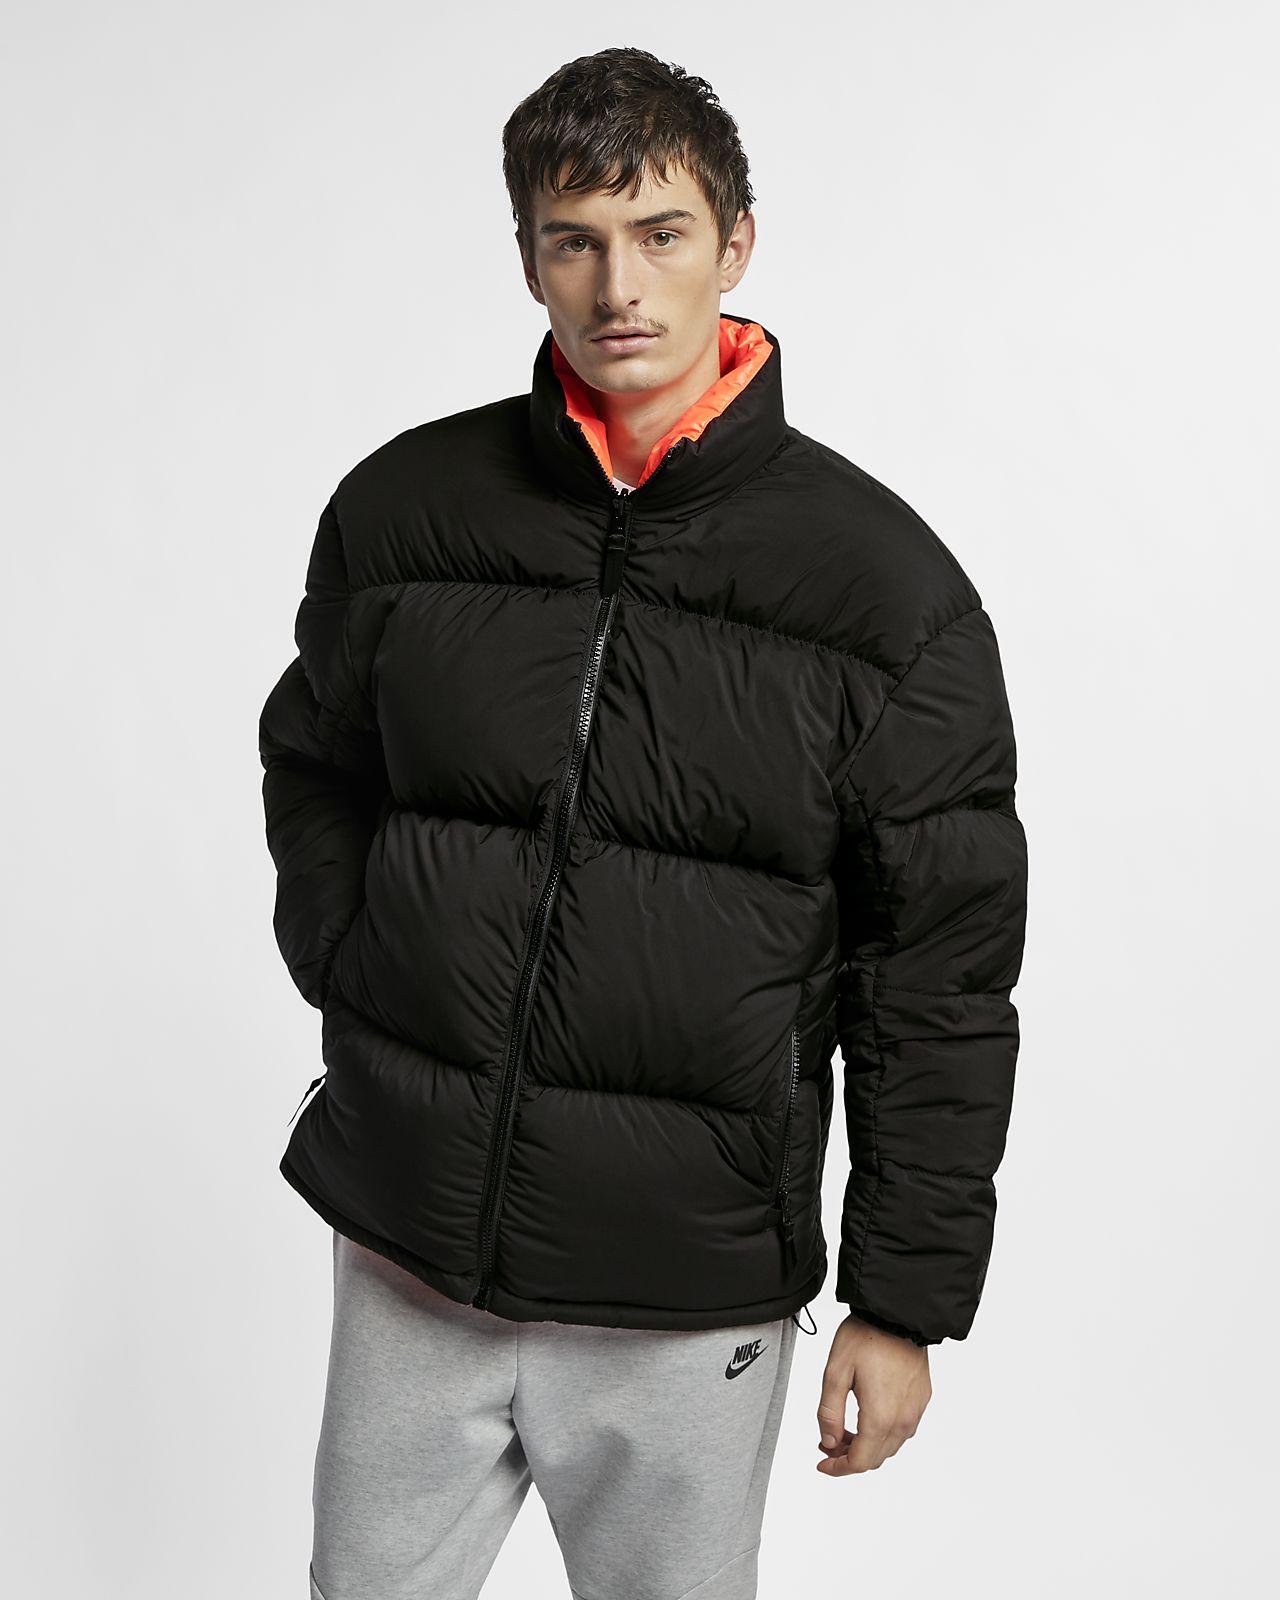 NikeLab Collection Men's Puffer Jacket